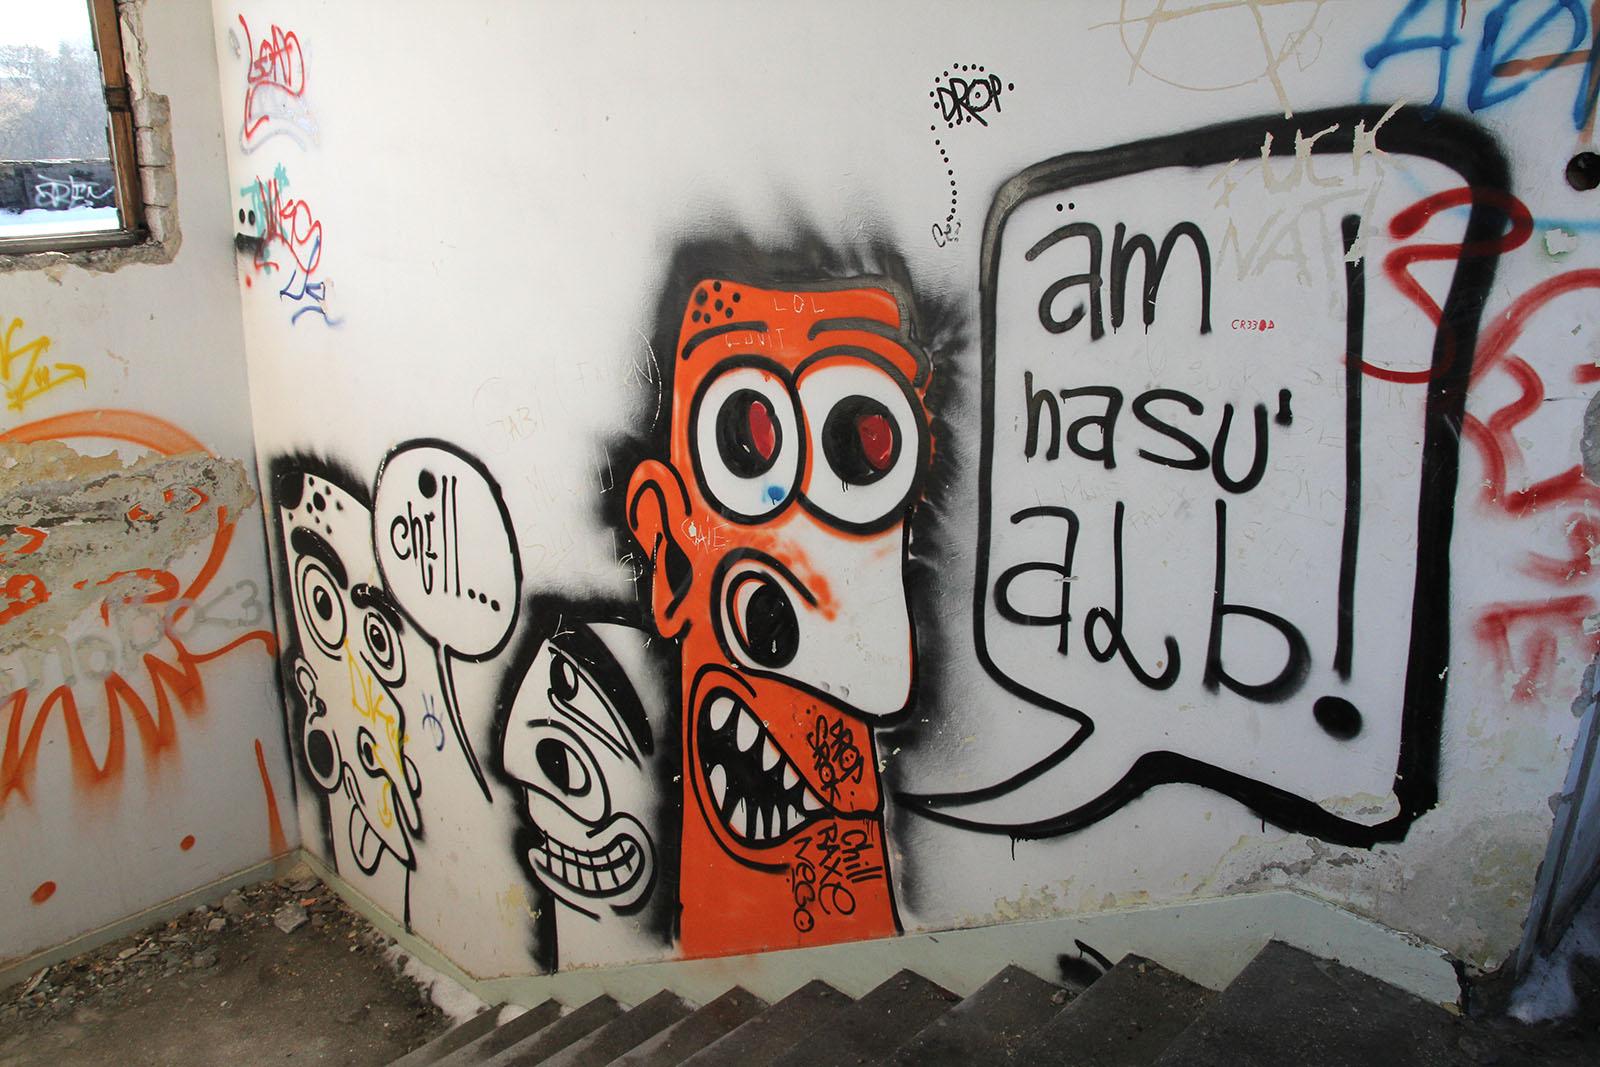 LUCRARE în incinta spațiului industrial - Poligrafie - Timișoara